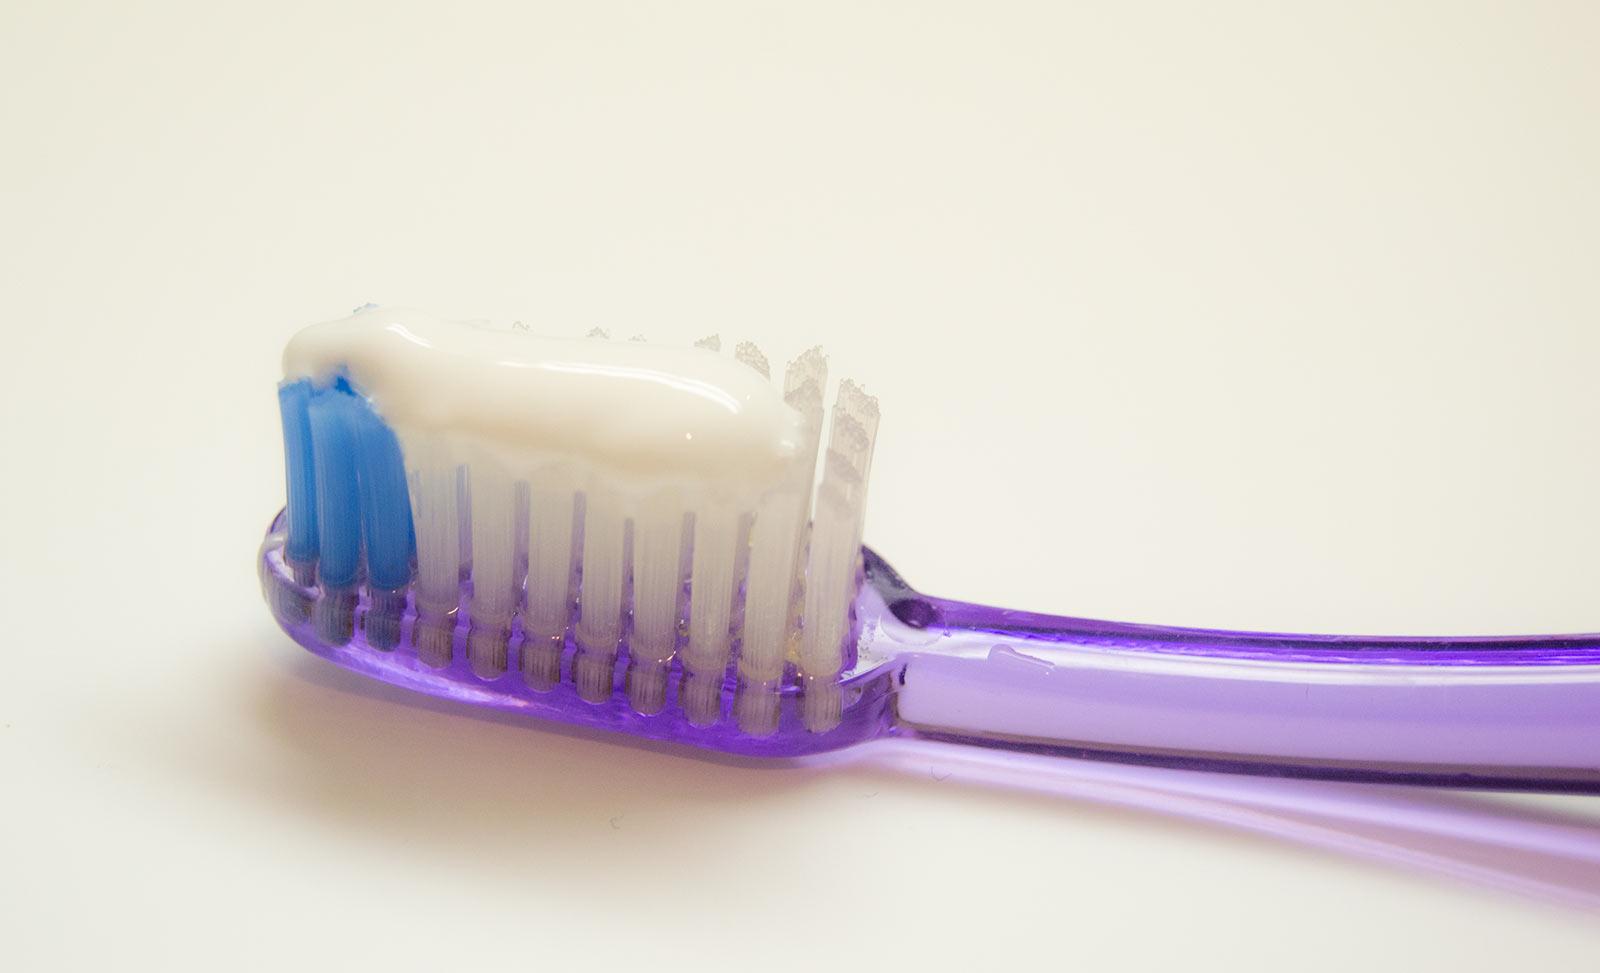 Ilustración gratis - cepillo de dientes